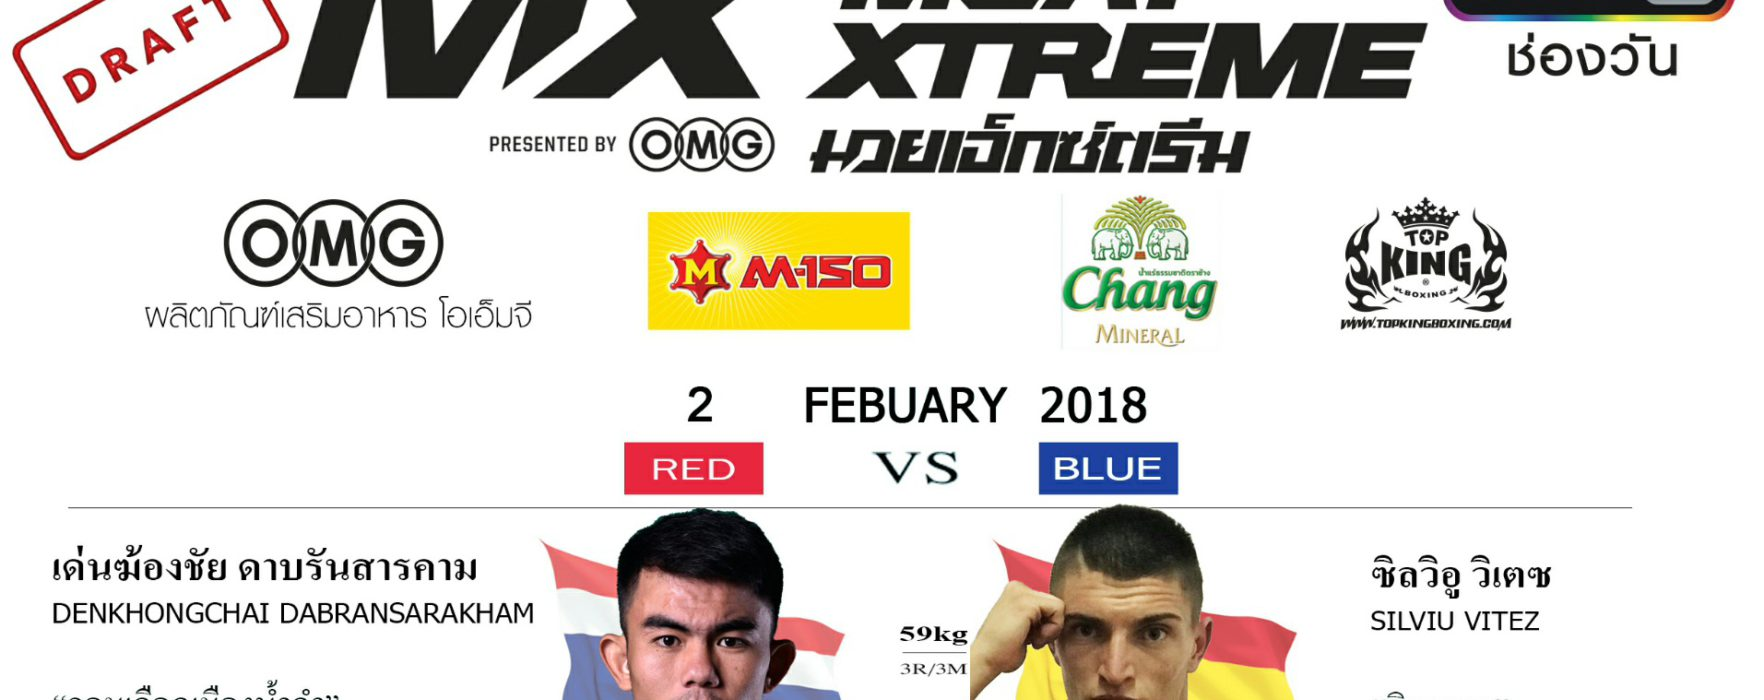 Silviu Vitez at MX in Bangkok on 2 feb 2018